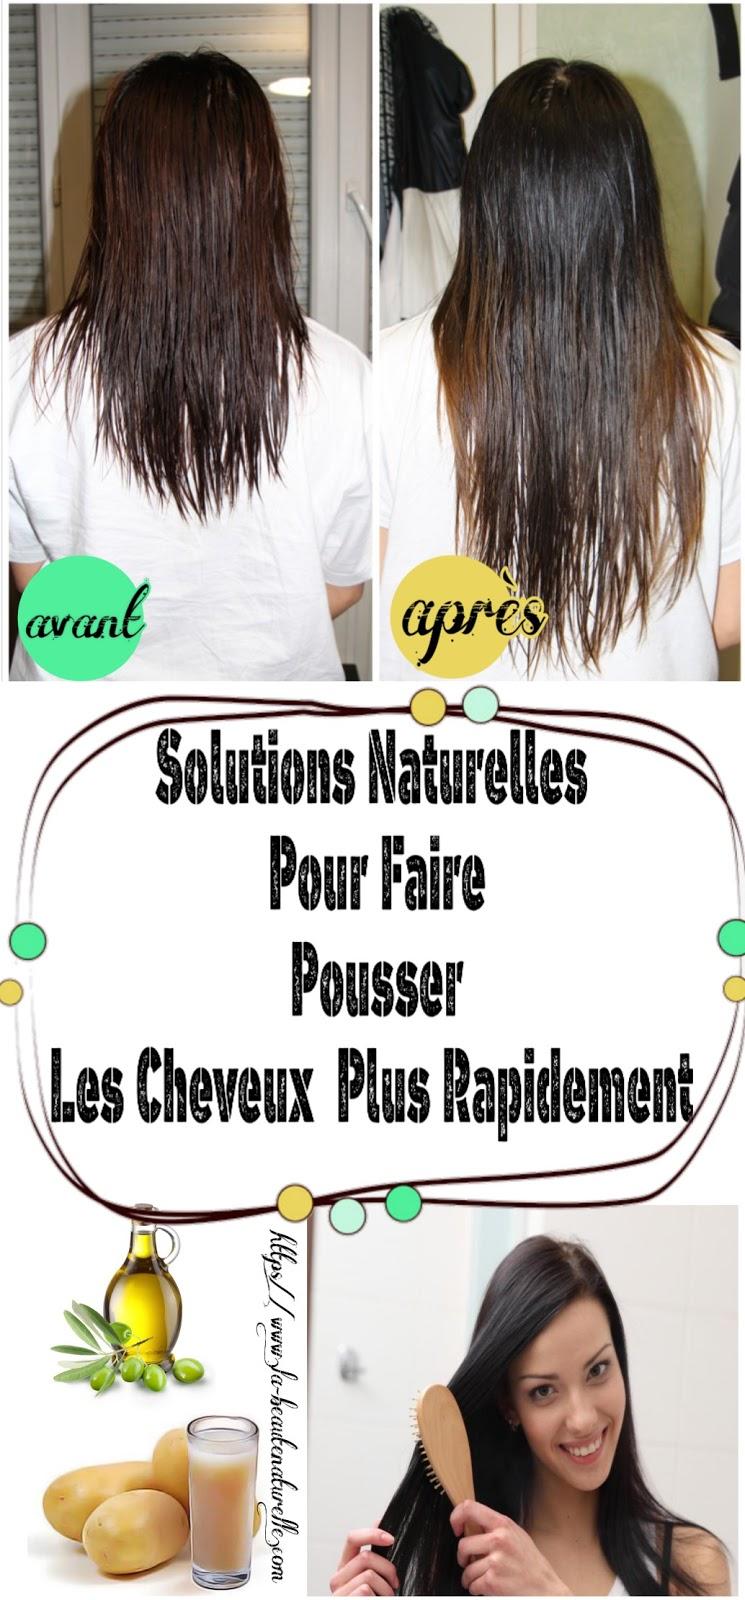 Solutions Naturelles Pour Faire Pousser Les Cheveux Plus Rapidement